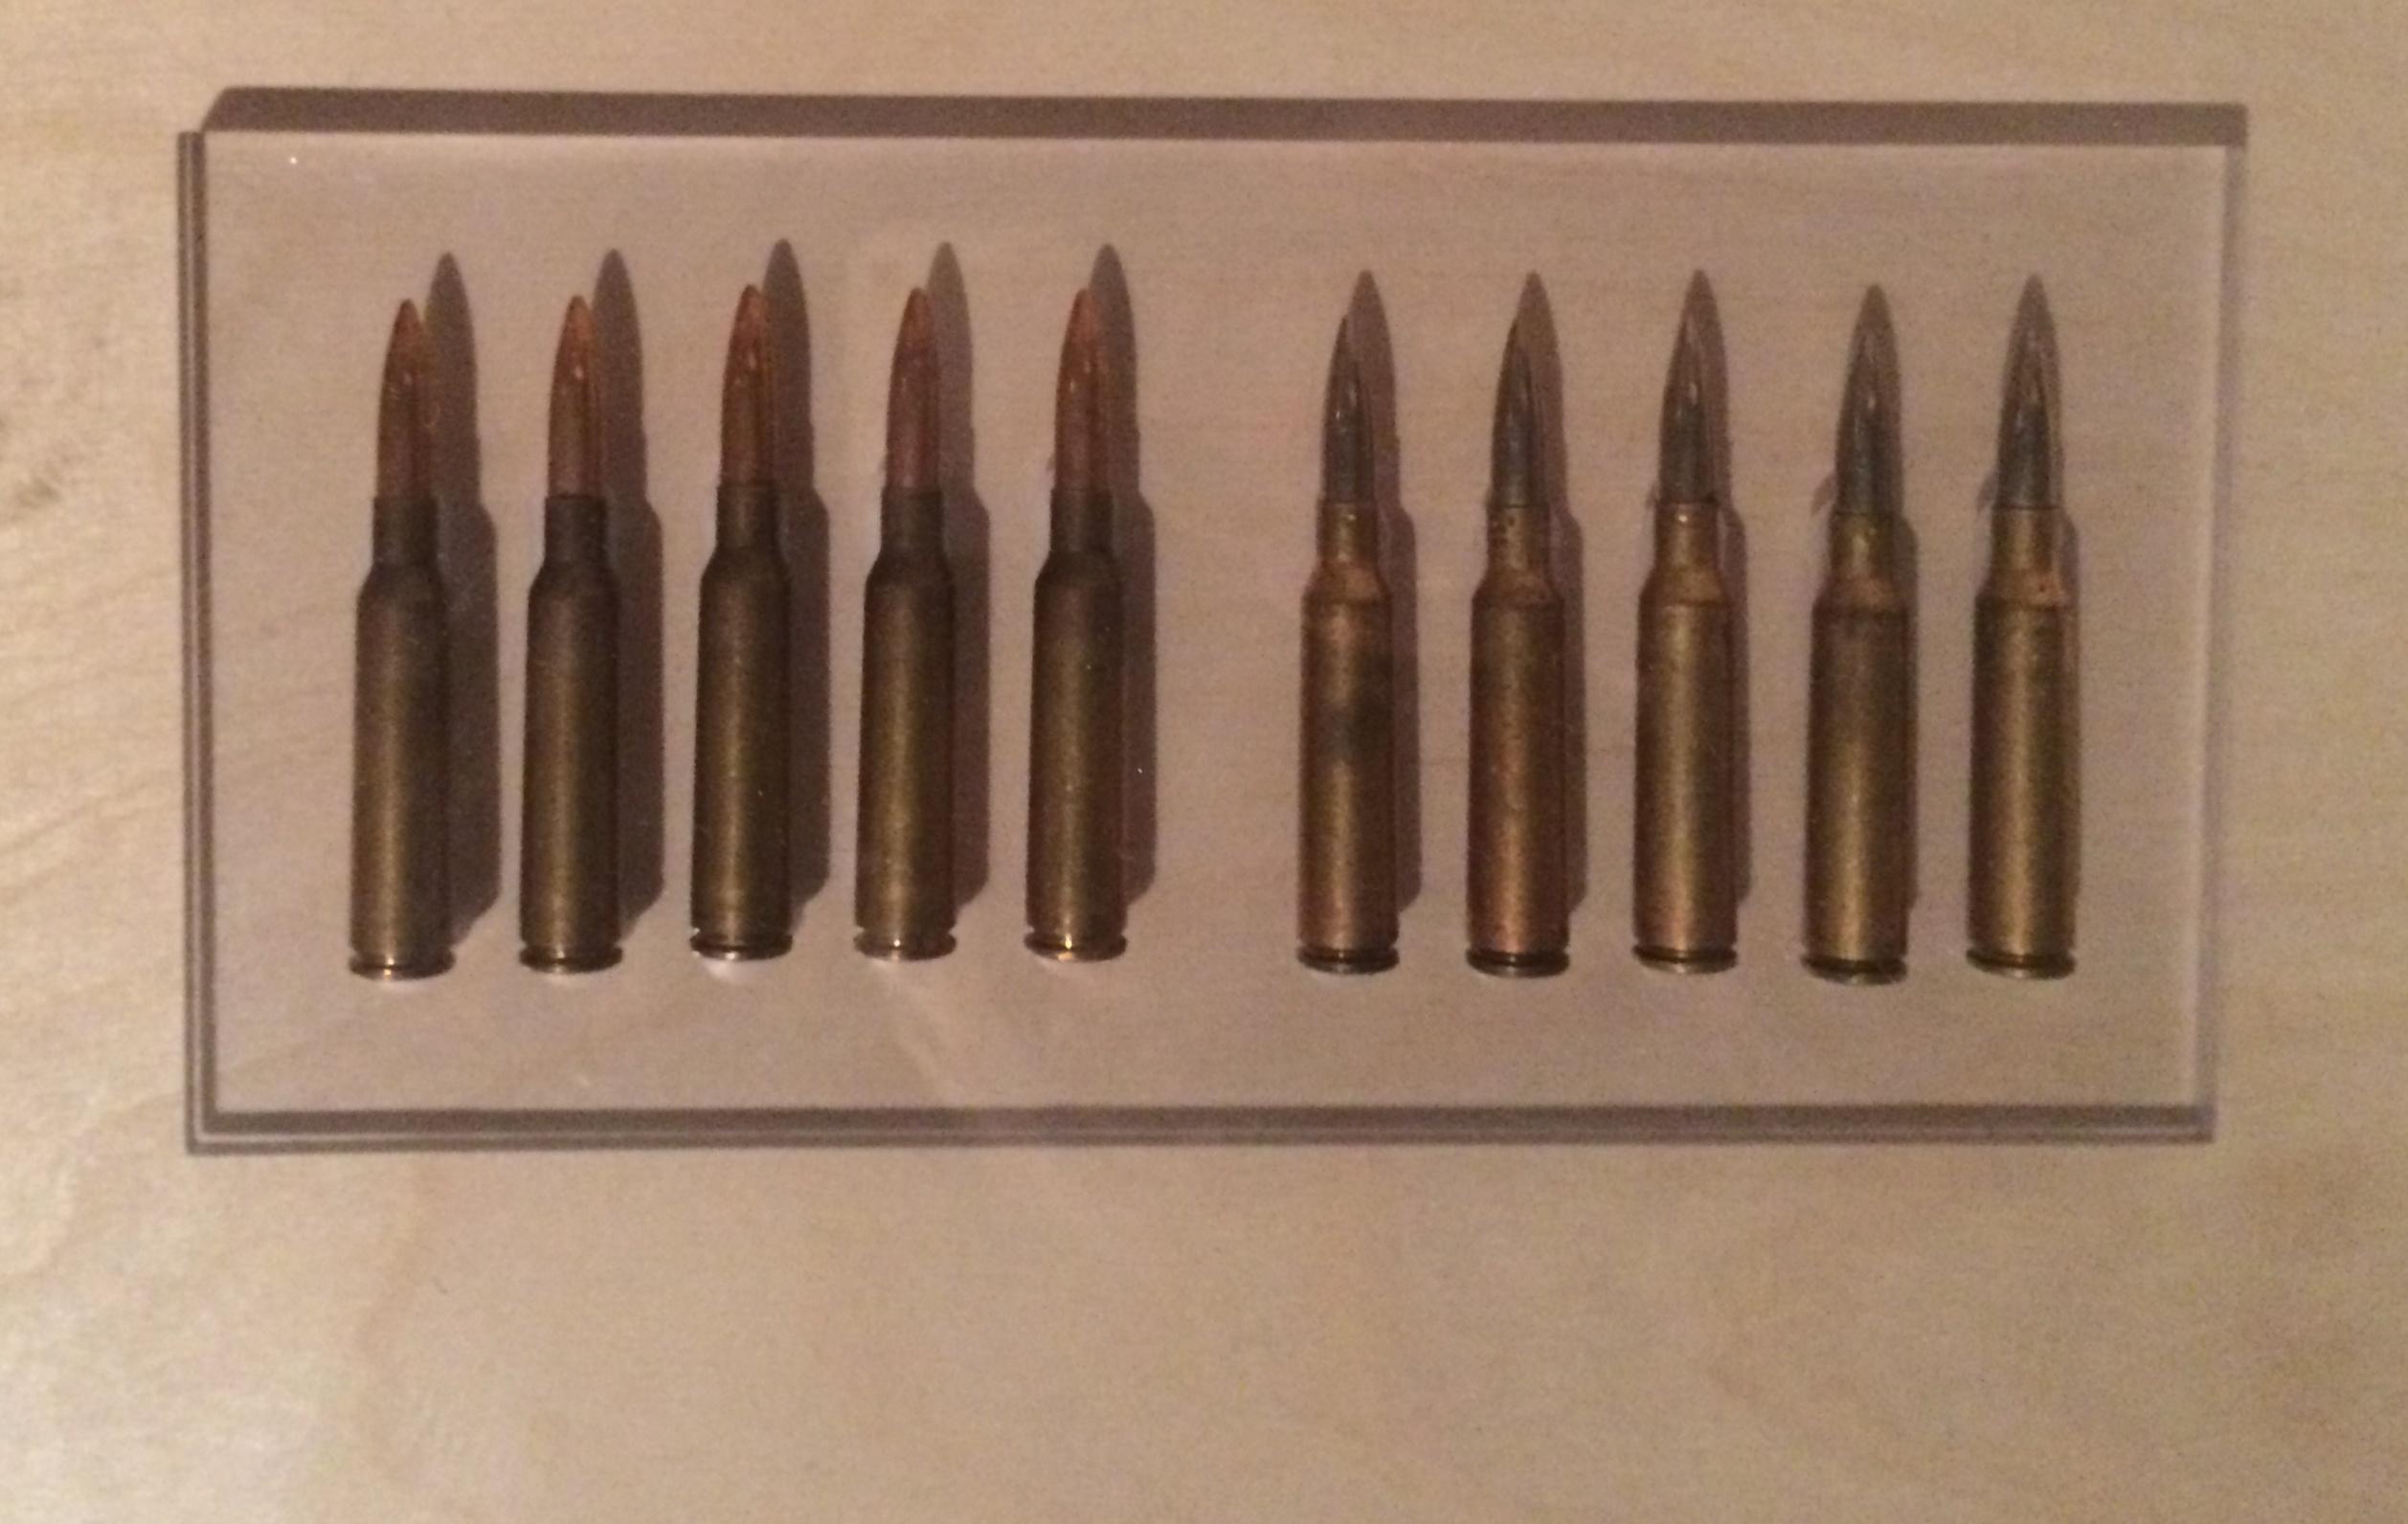 Chart Of Bullet Caliber Size: NTM bullets 1890 krag jörgensen 65 mm norway IMG 7467.JPG ,Chart